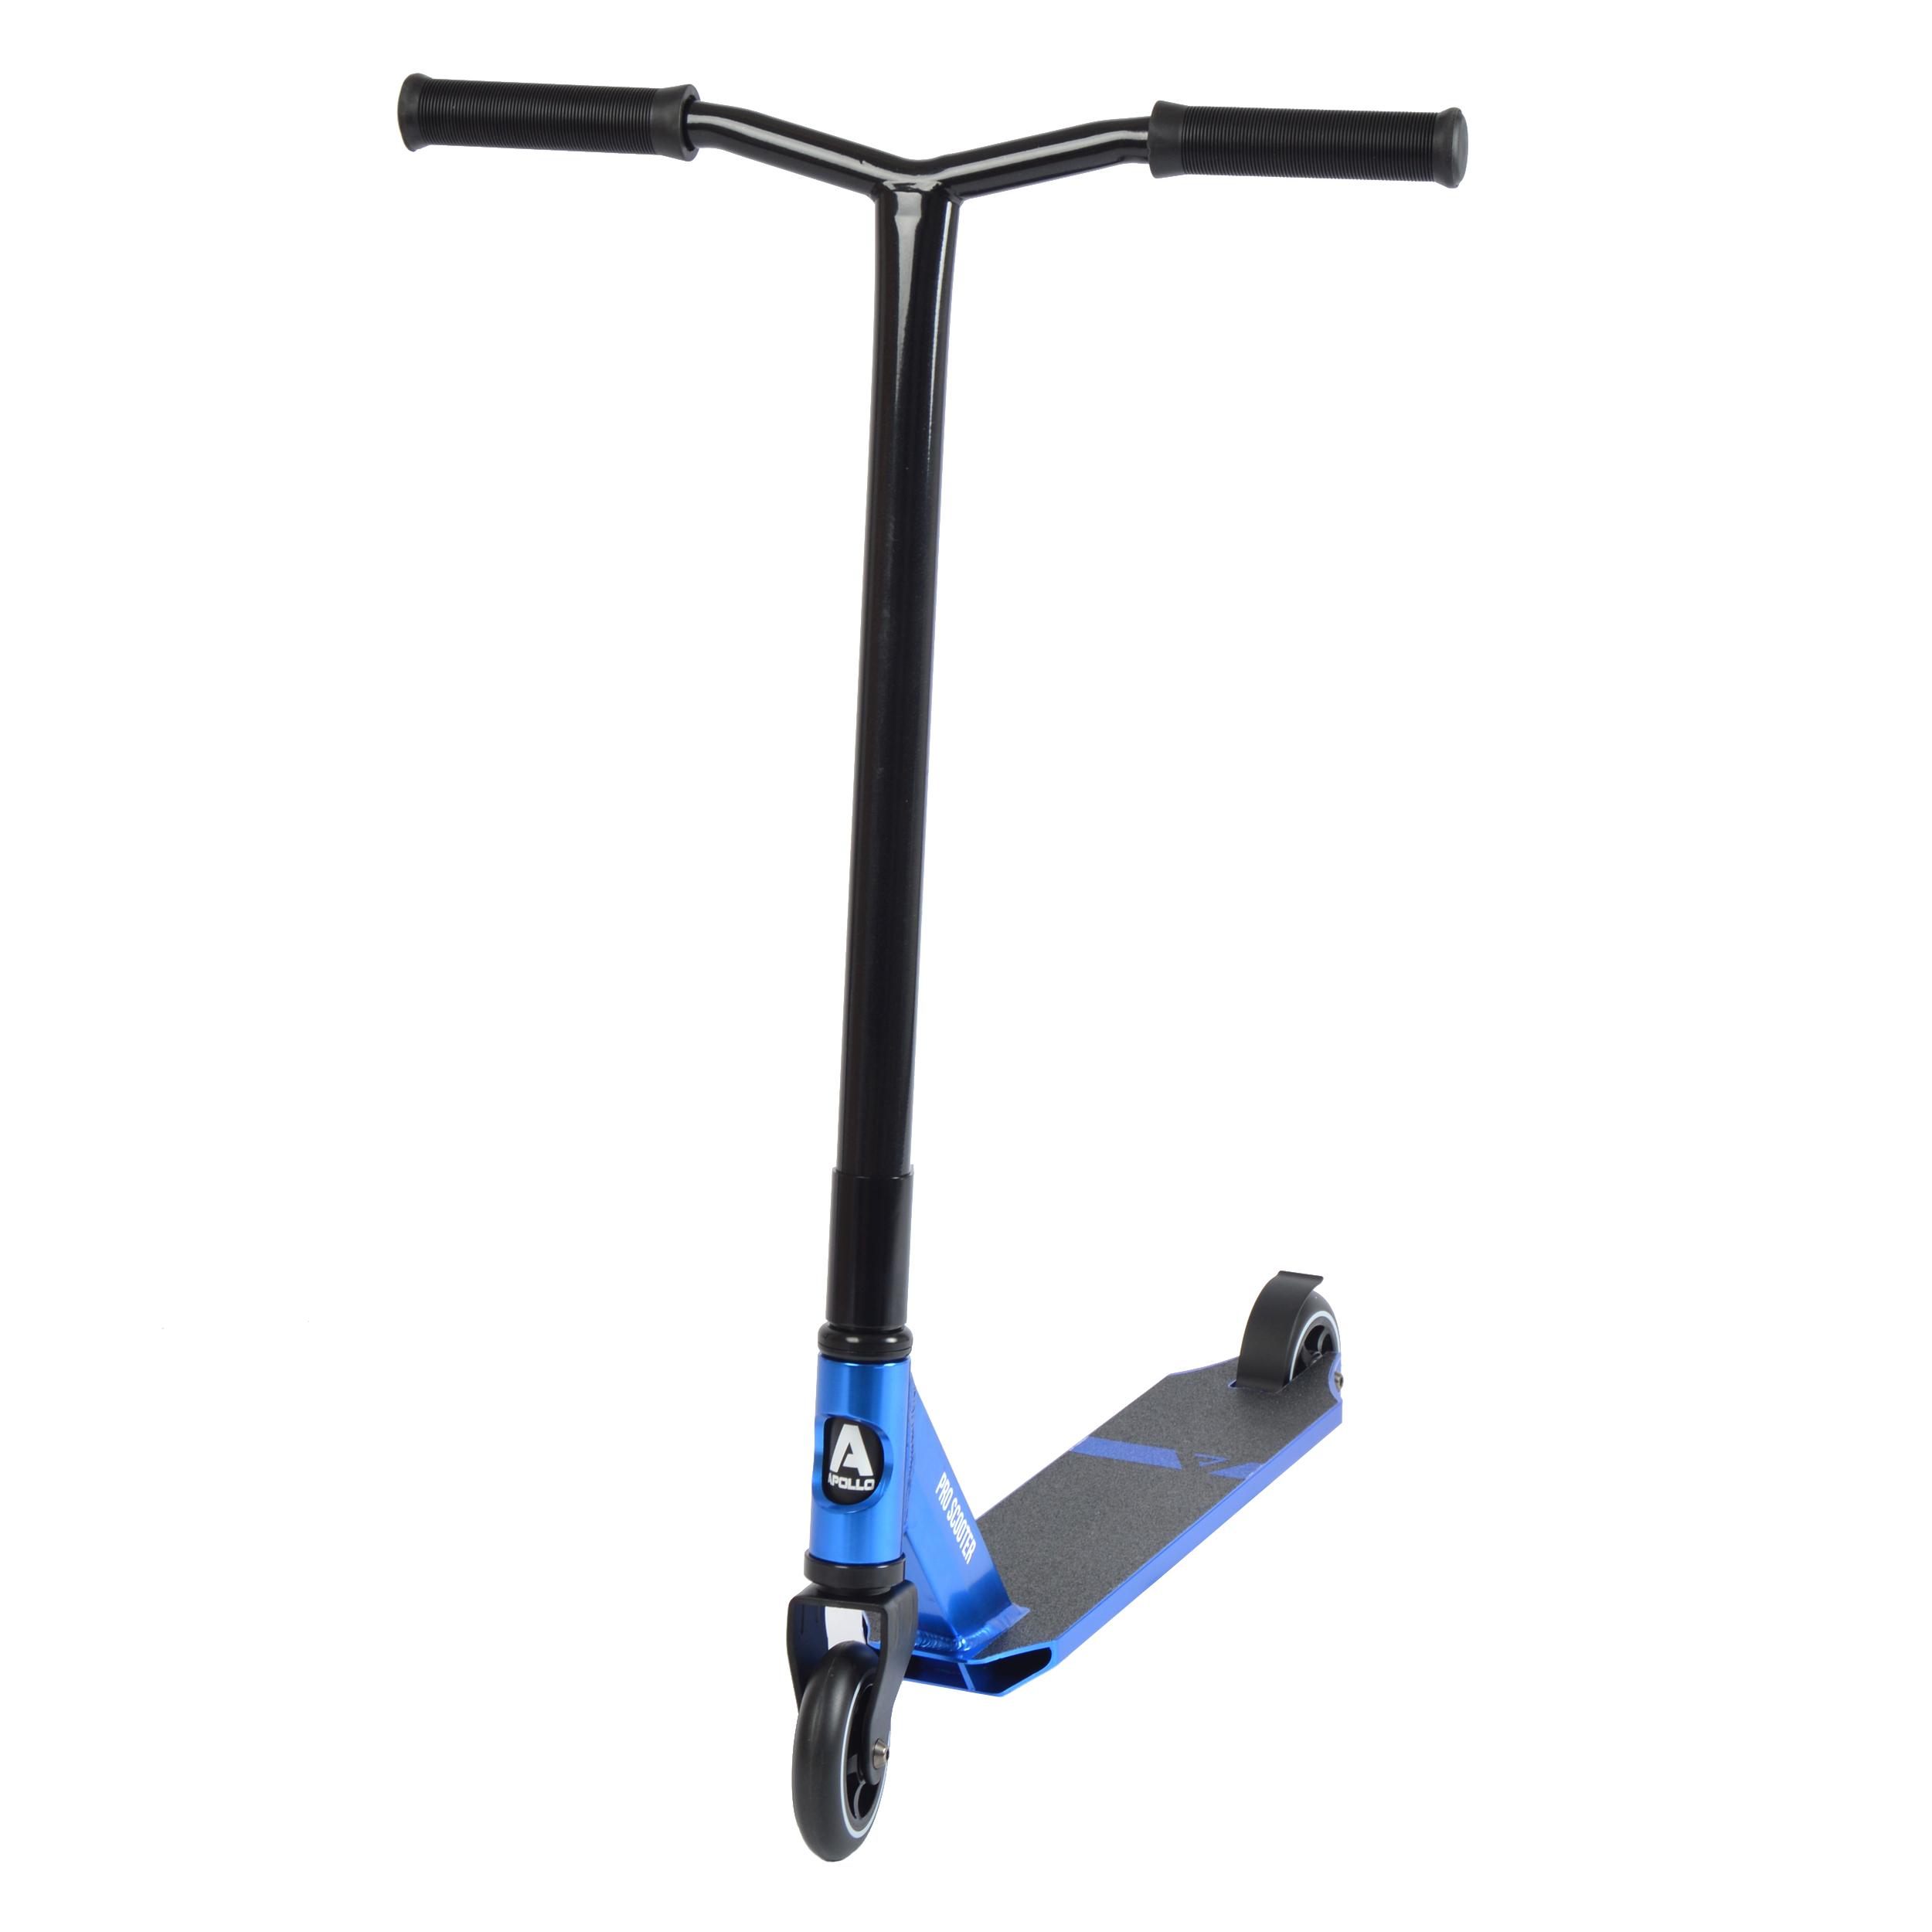 Stunt Scooter - Star Pro - Blau